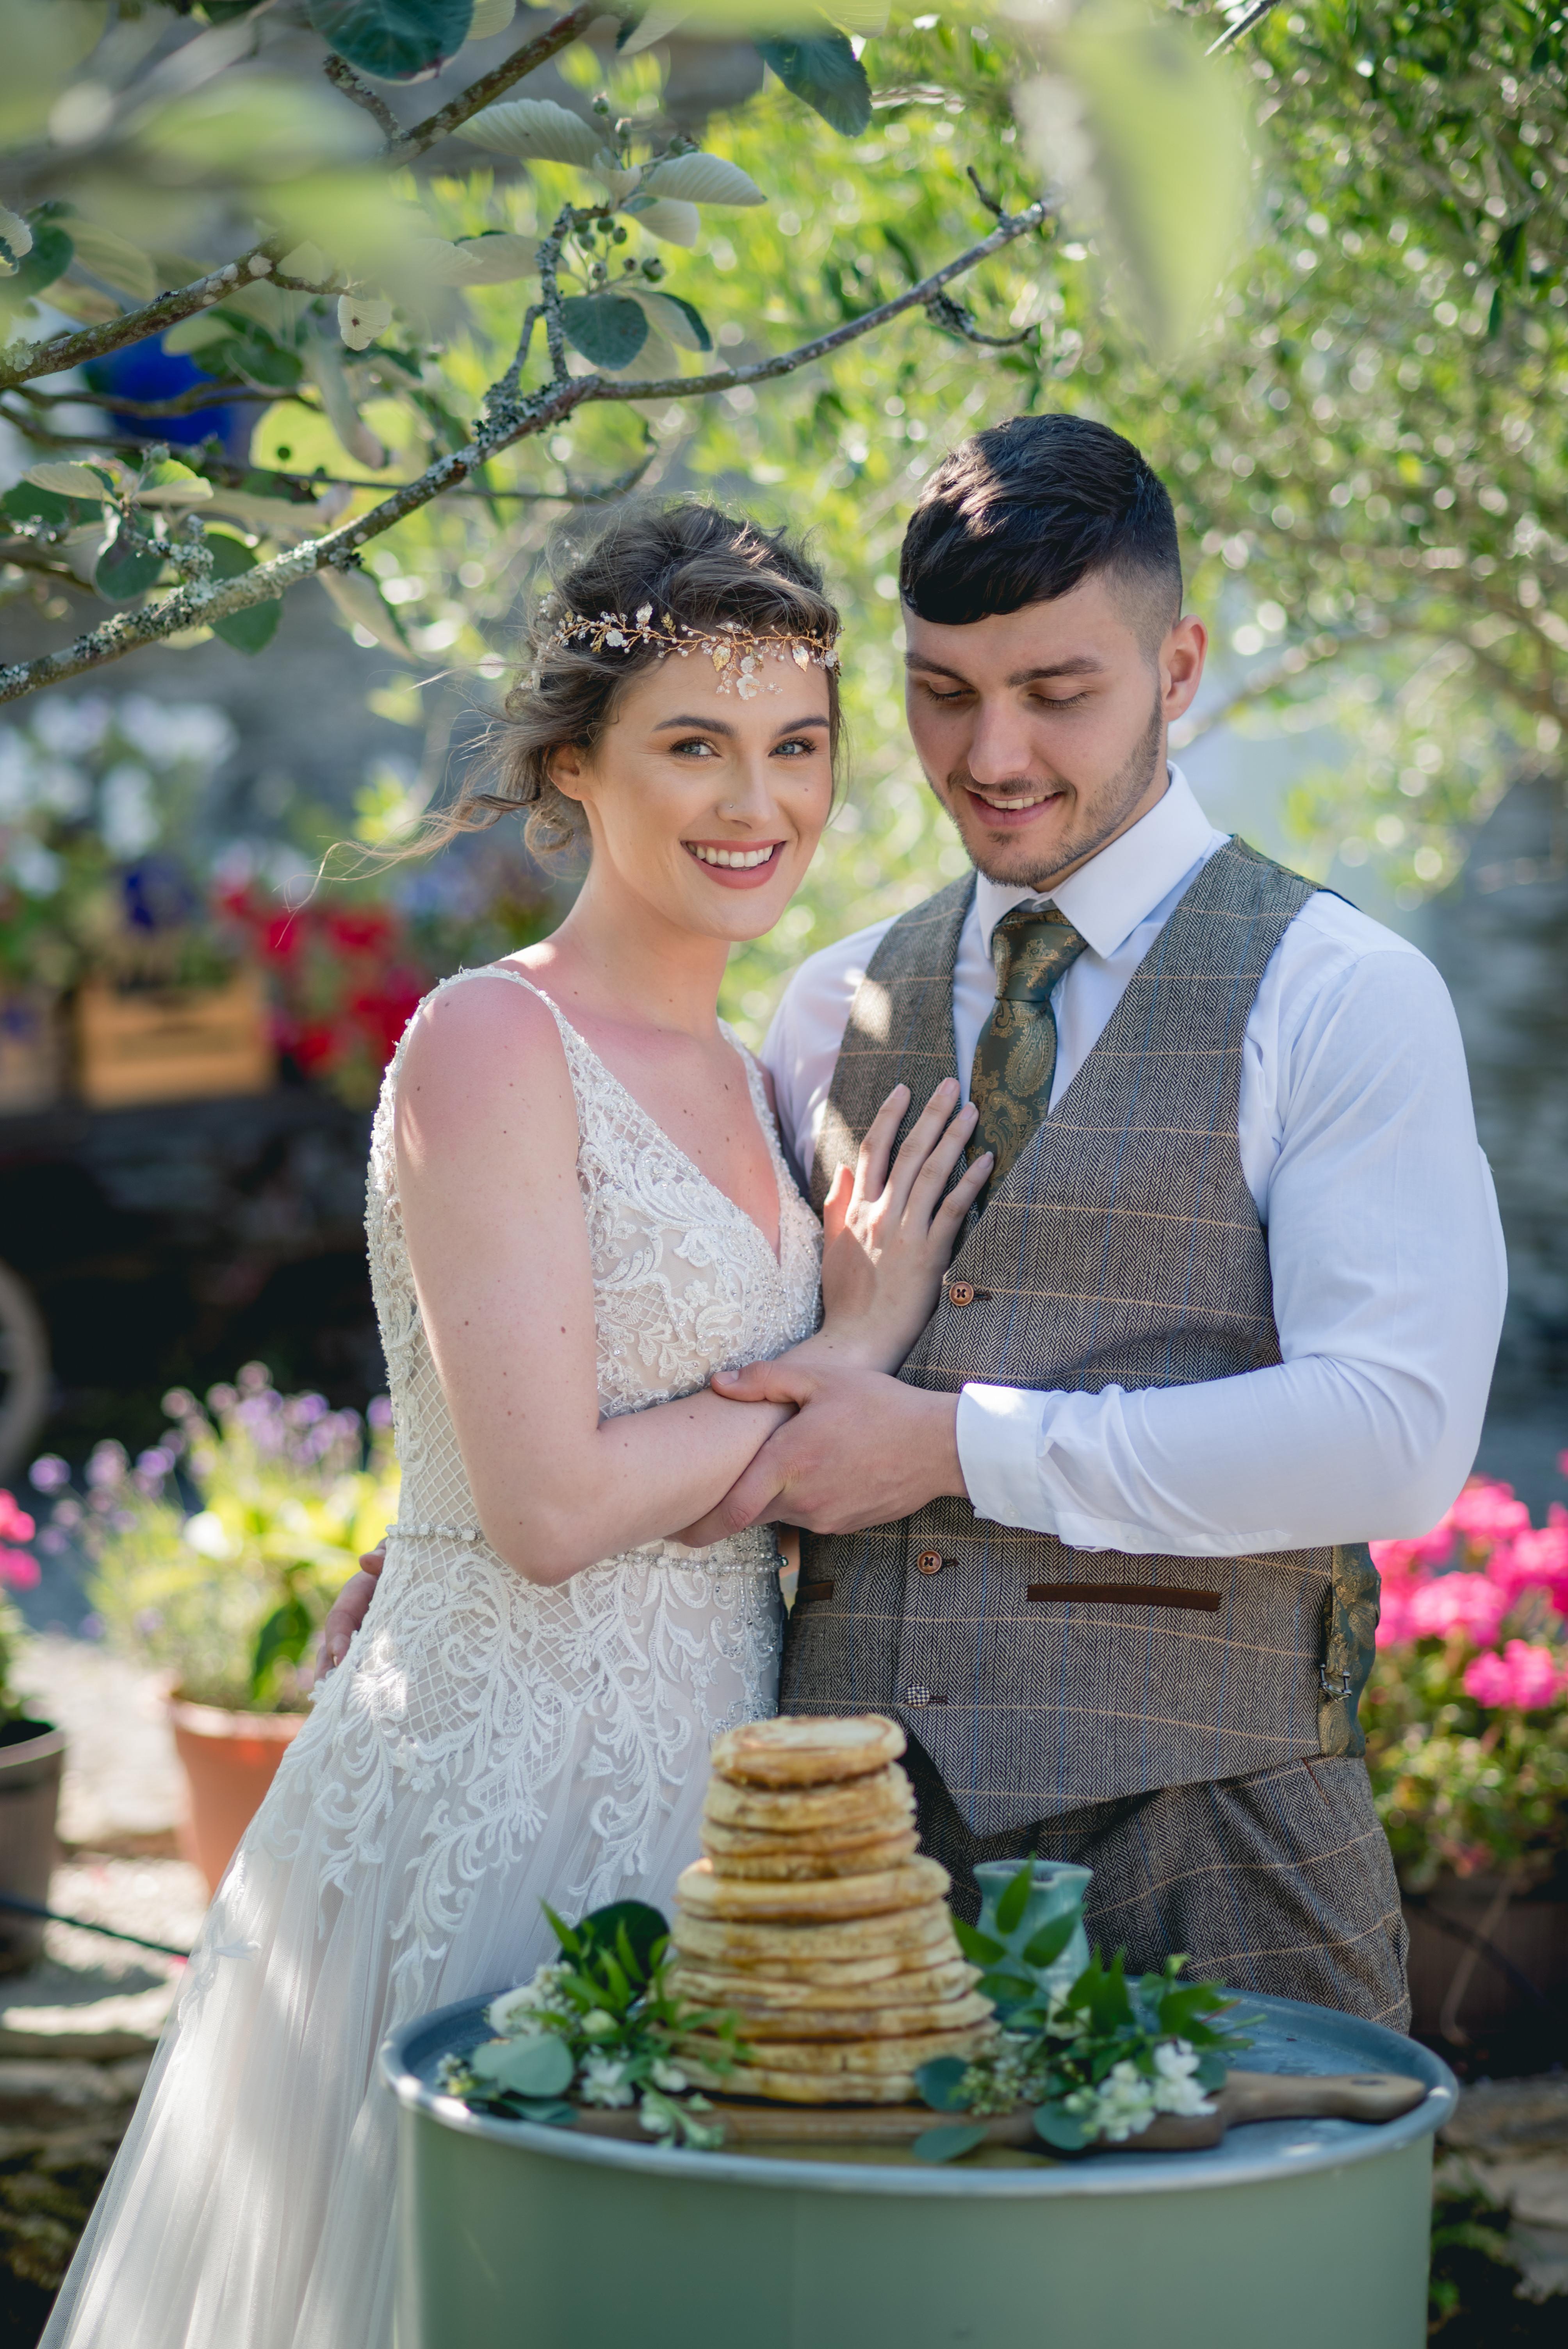 Initial Wedding Consultation @ Studio